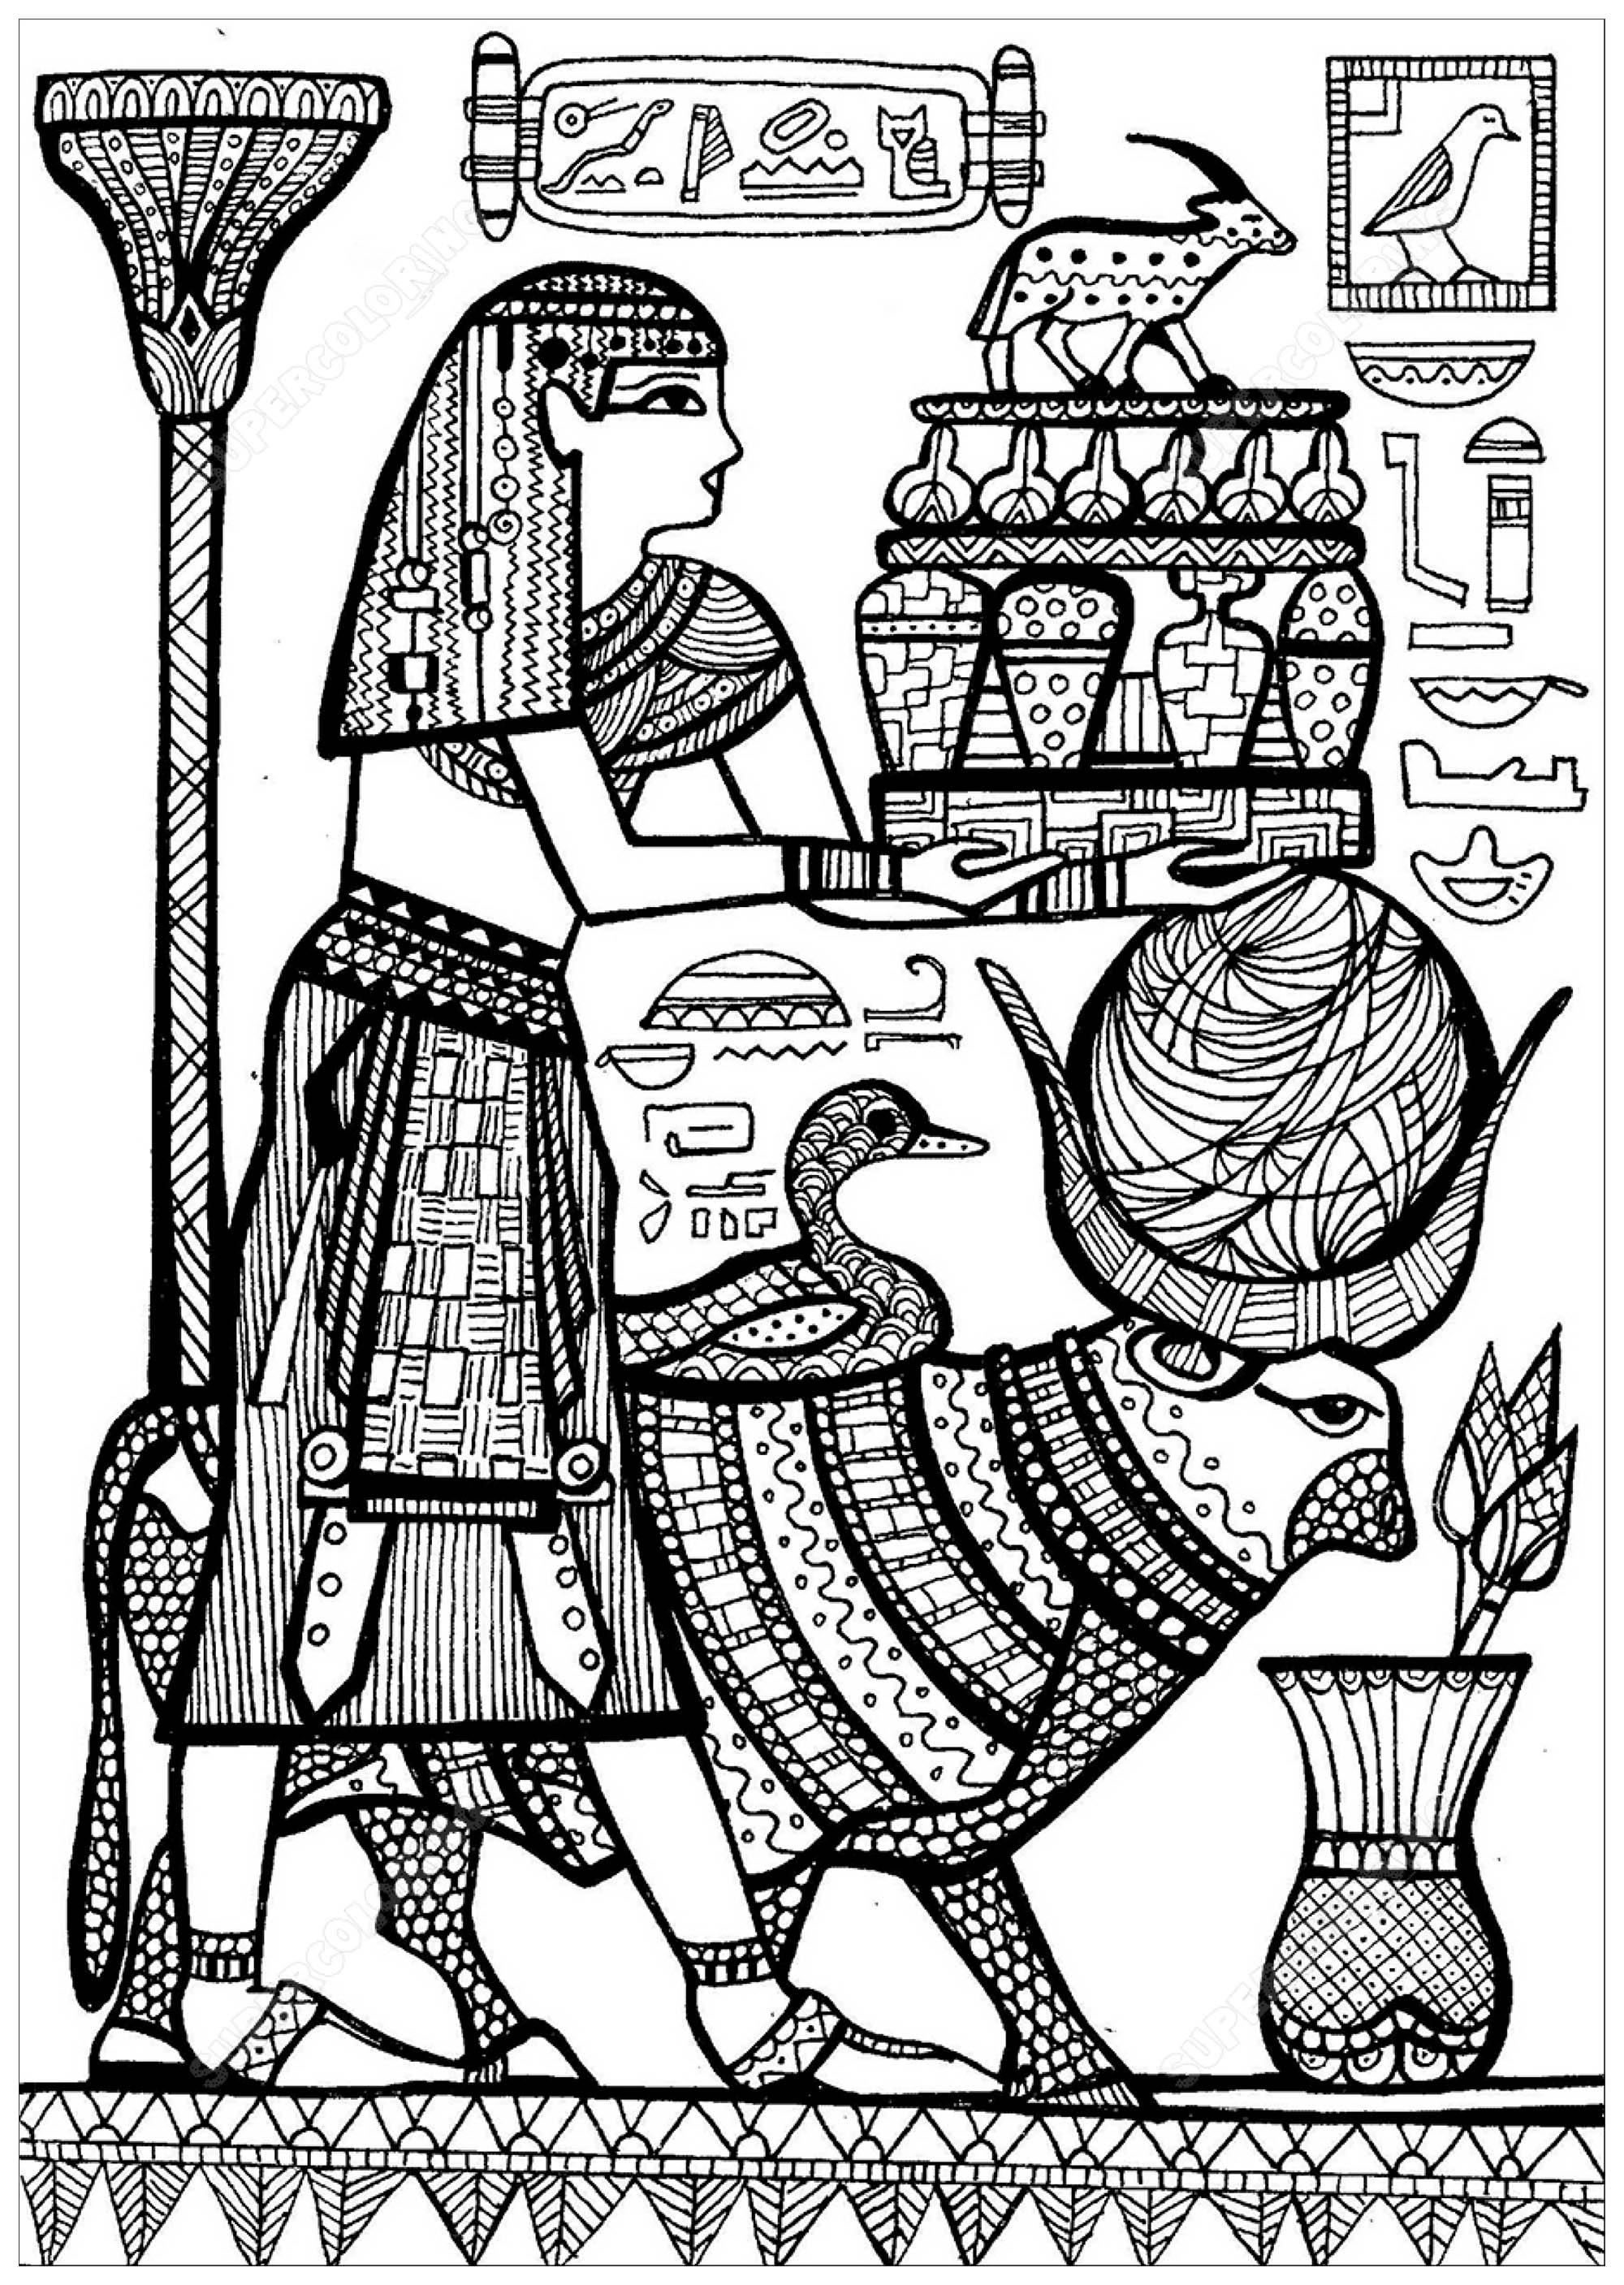 Disegni da colorare per adulti : Egitto & Geroglifici - 10